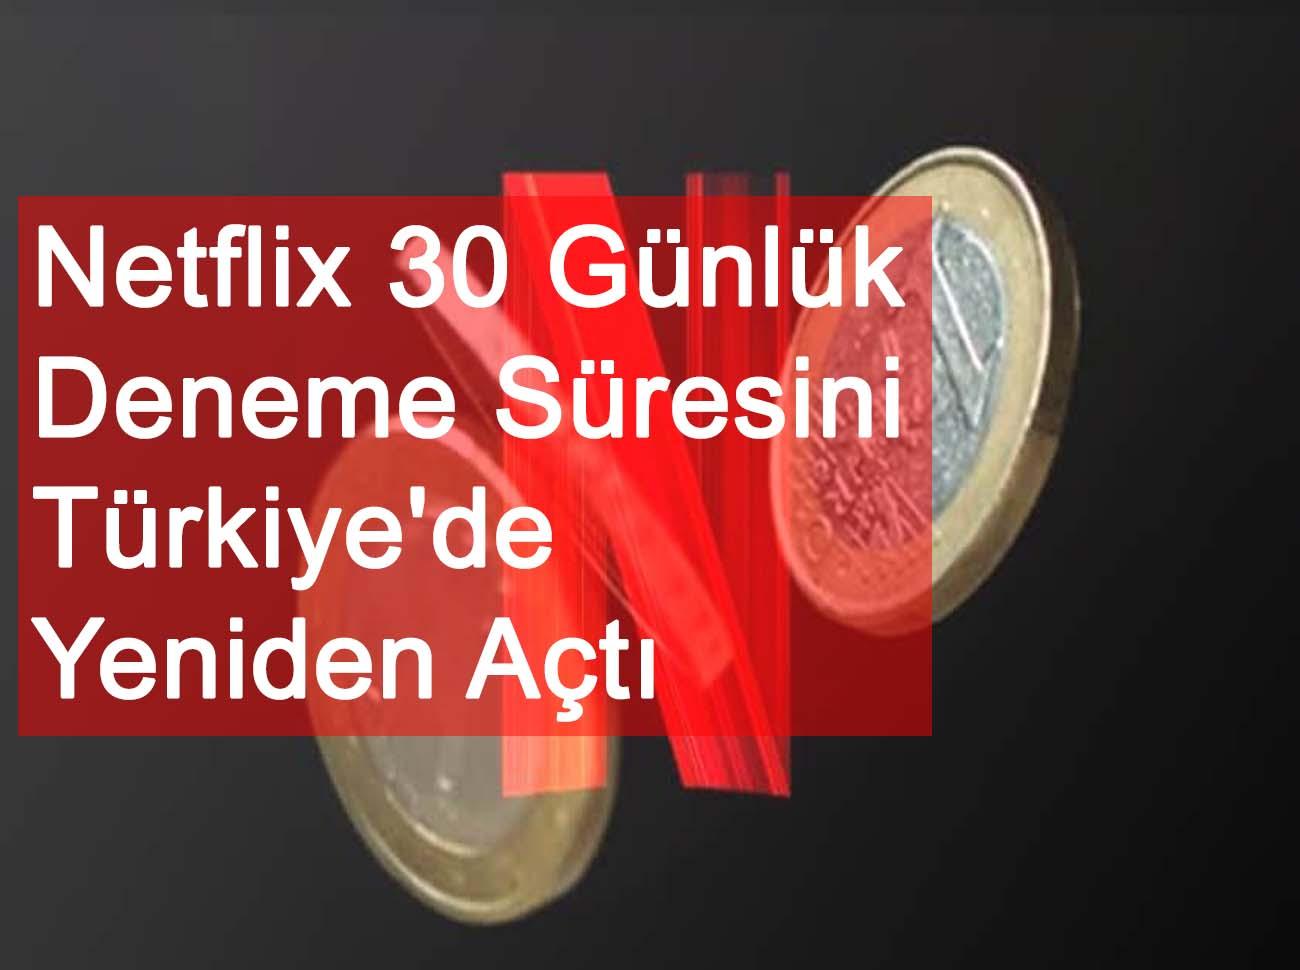 Netflix 30 Günlük Deneme Süresini Türkiye'de Yeniden Açtı